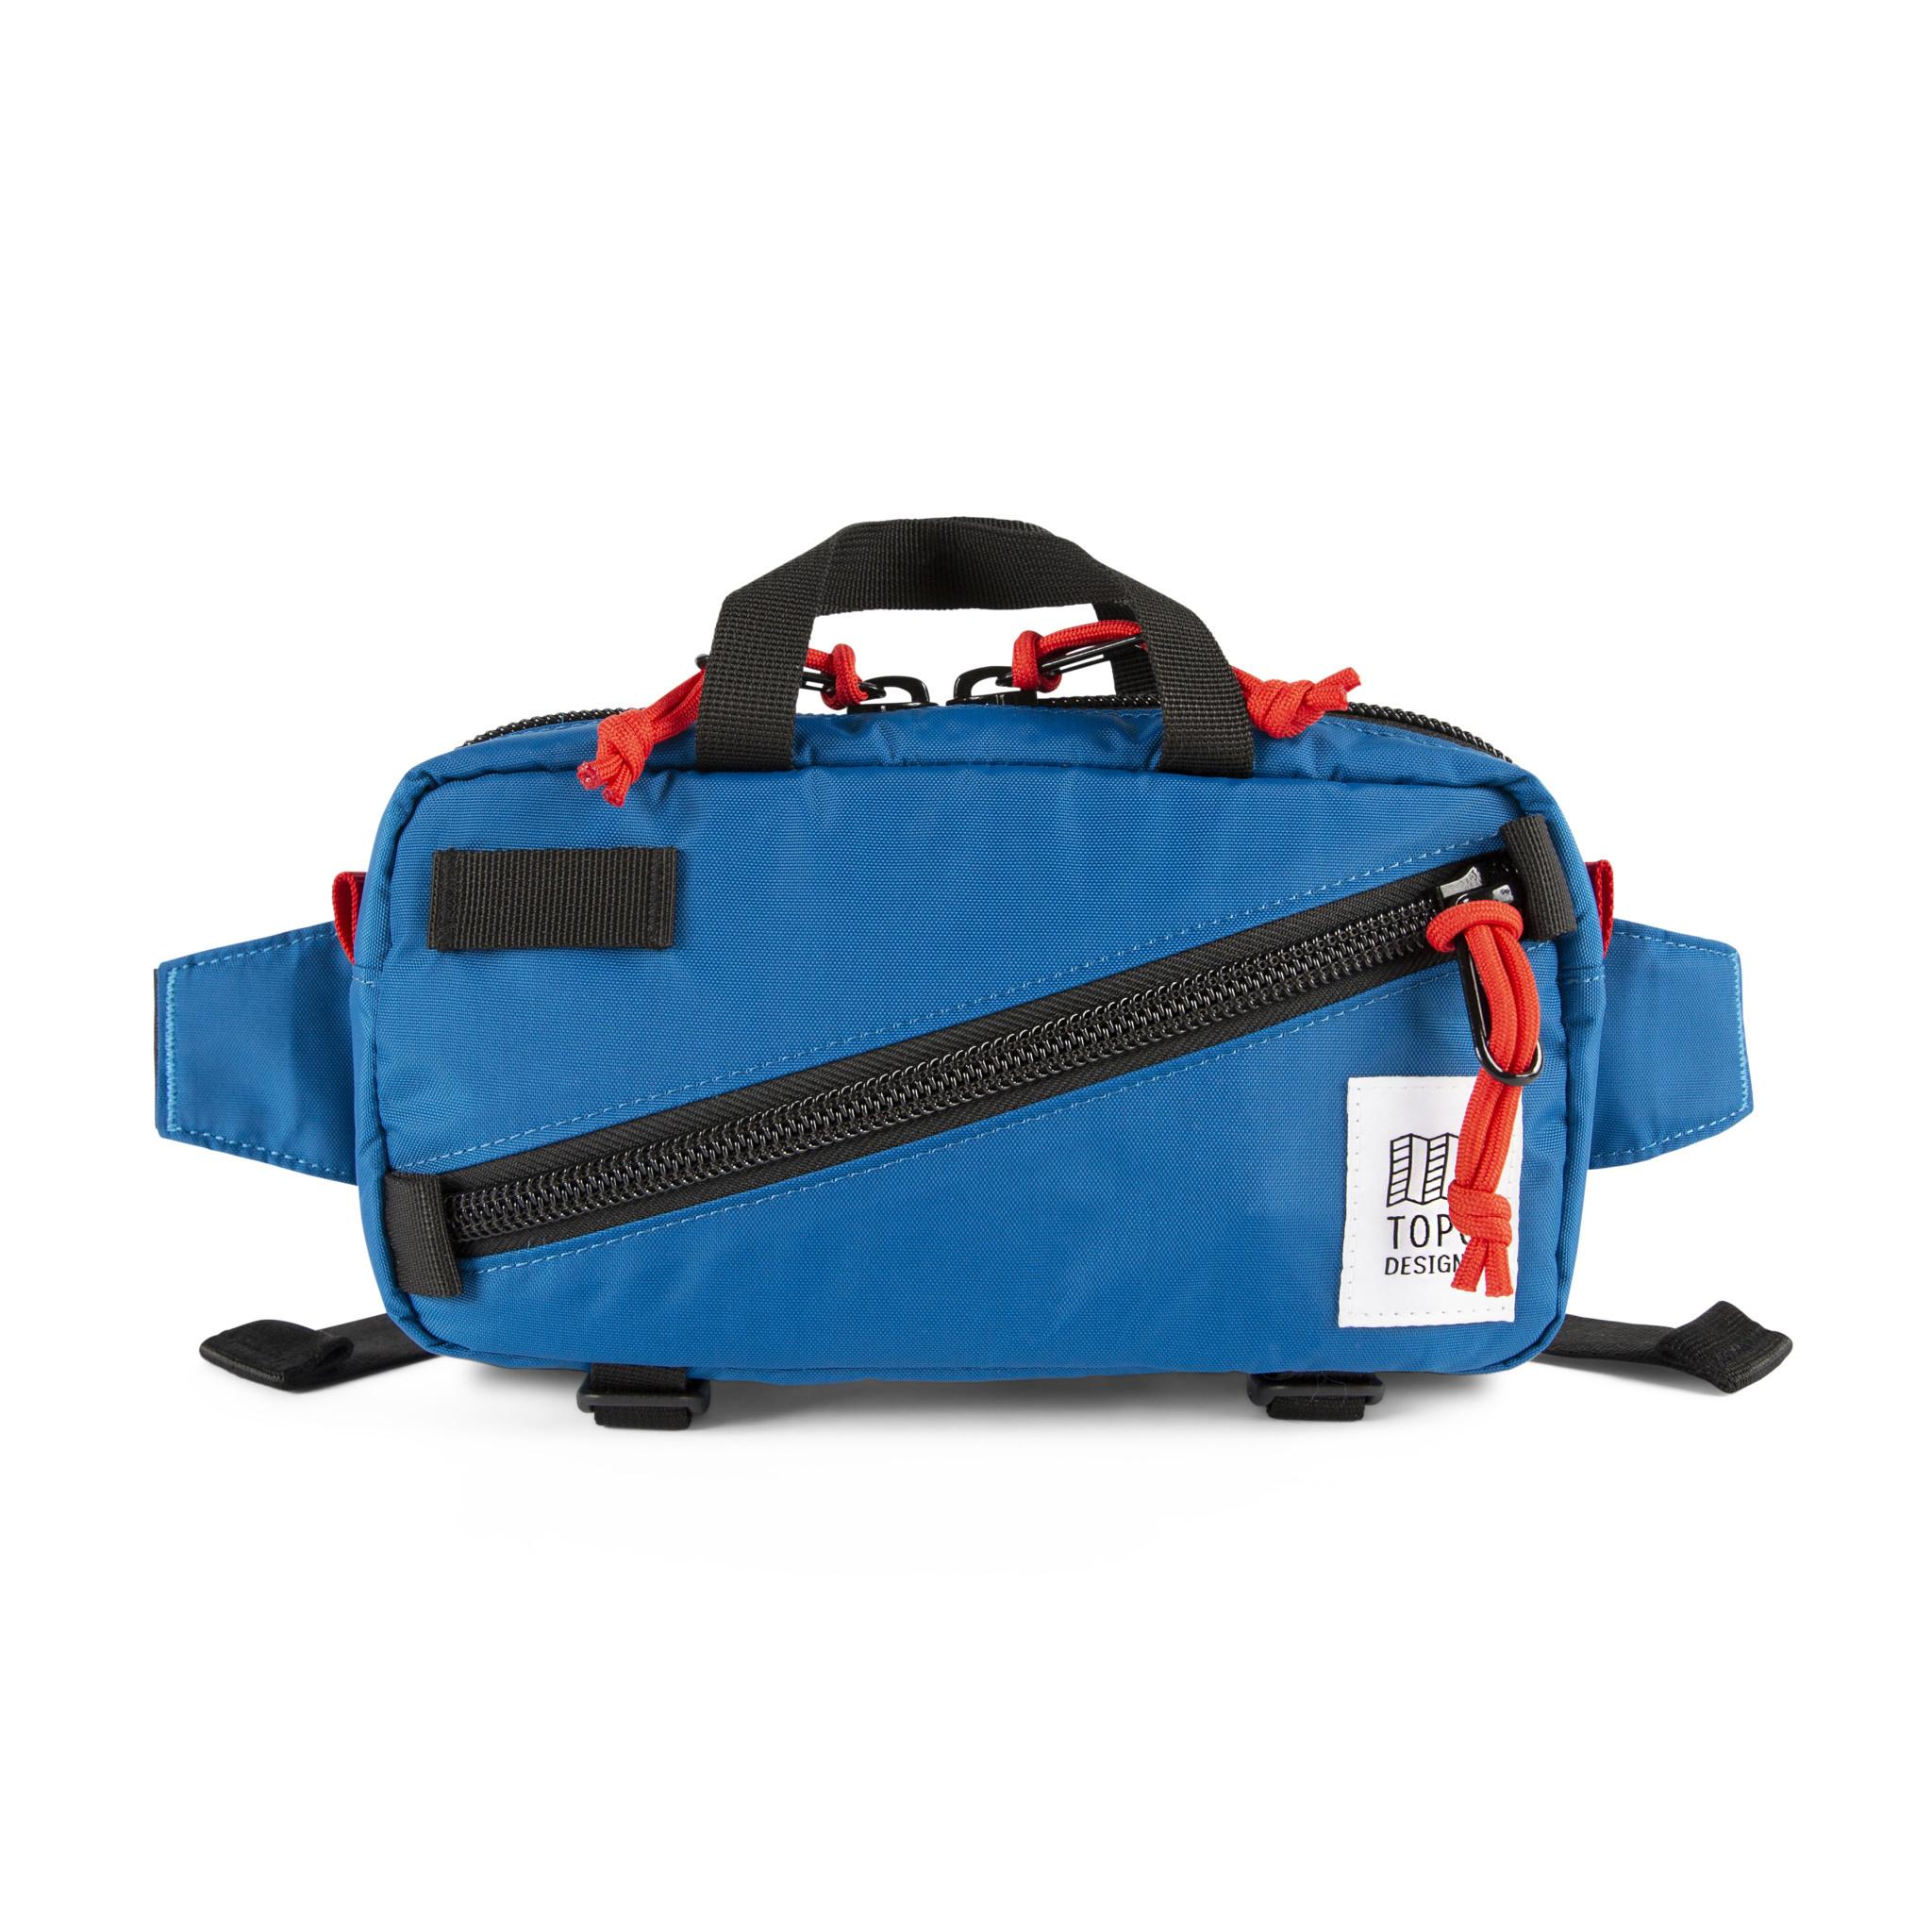 Topo Designs Topo Designs Mini Quick Pack - Blue